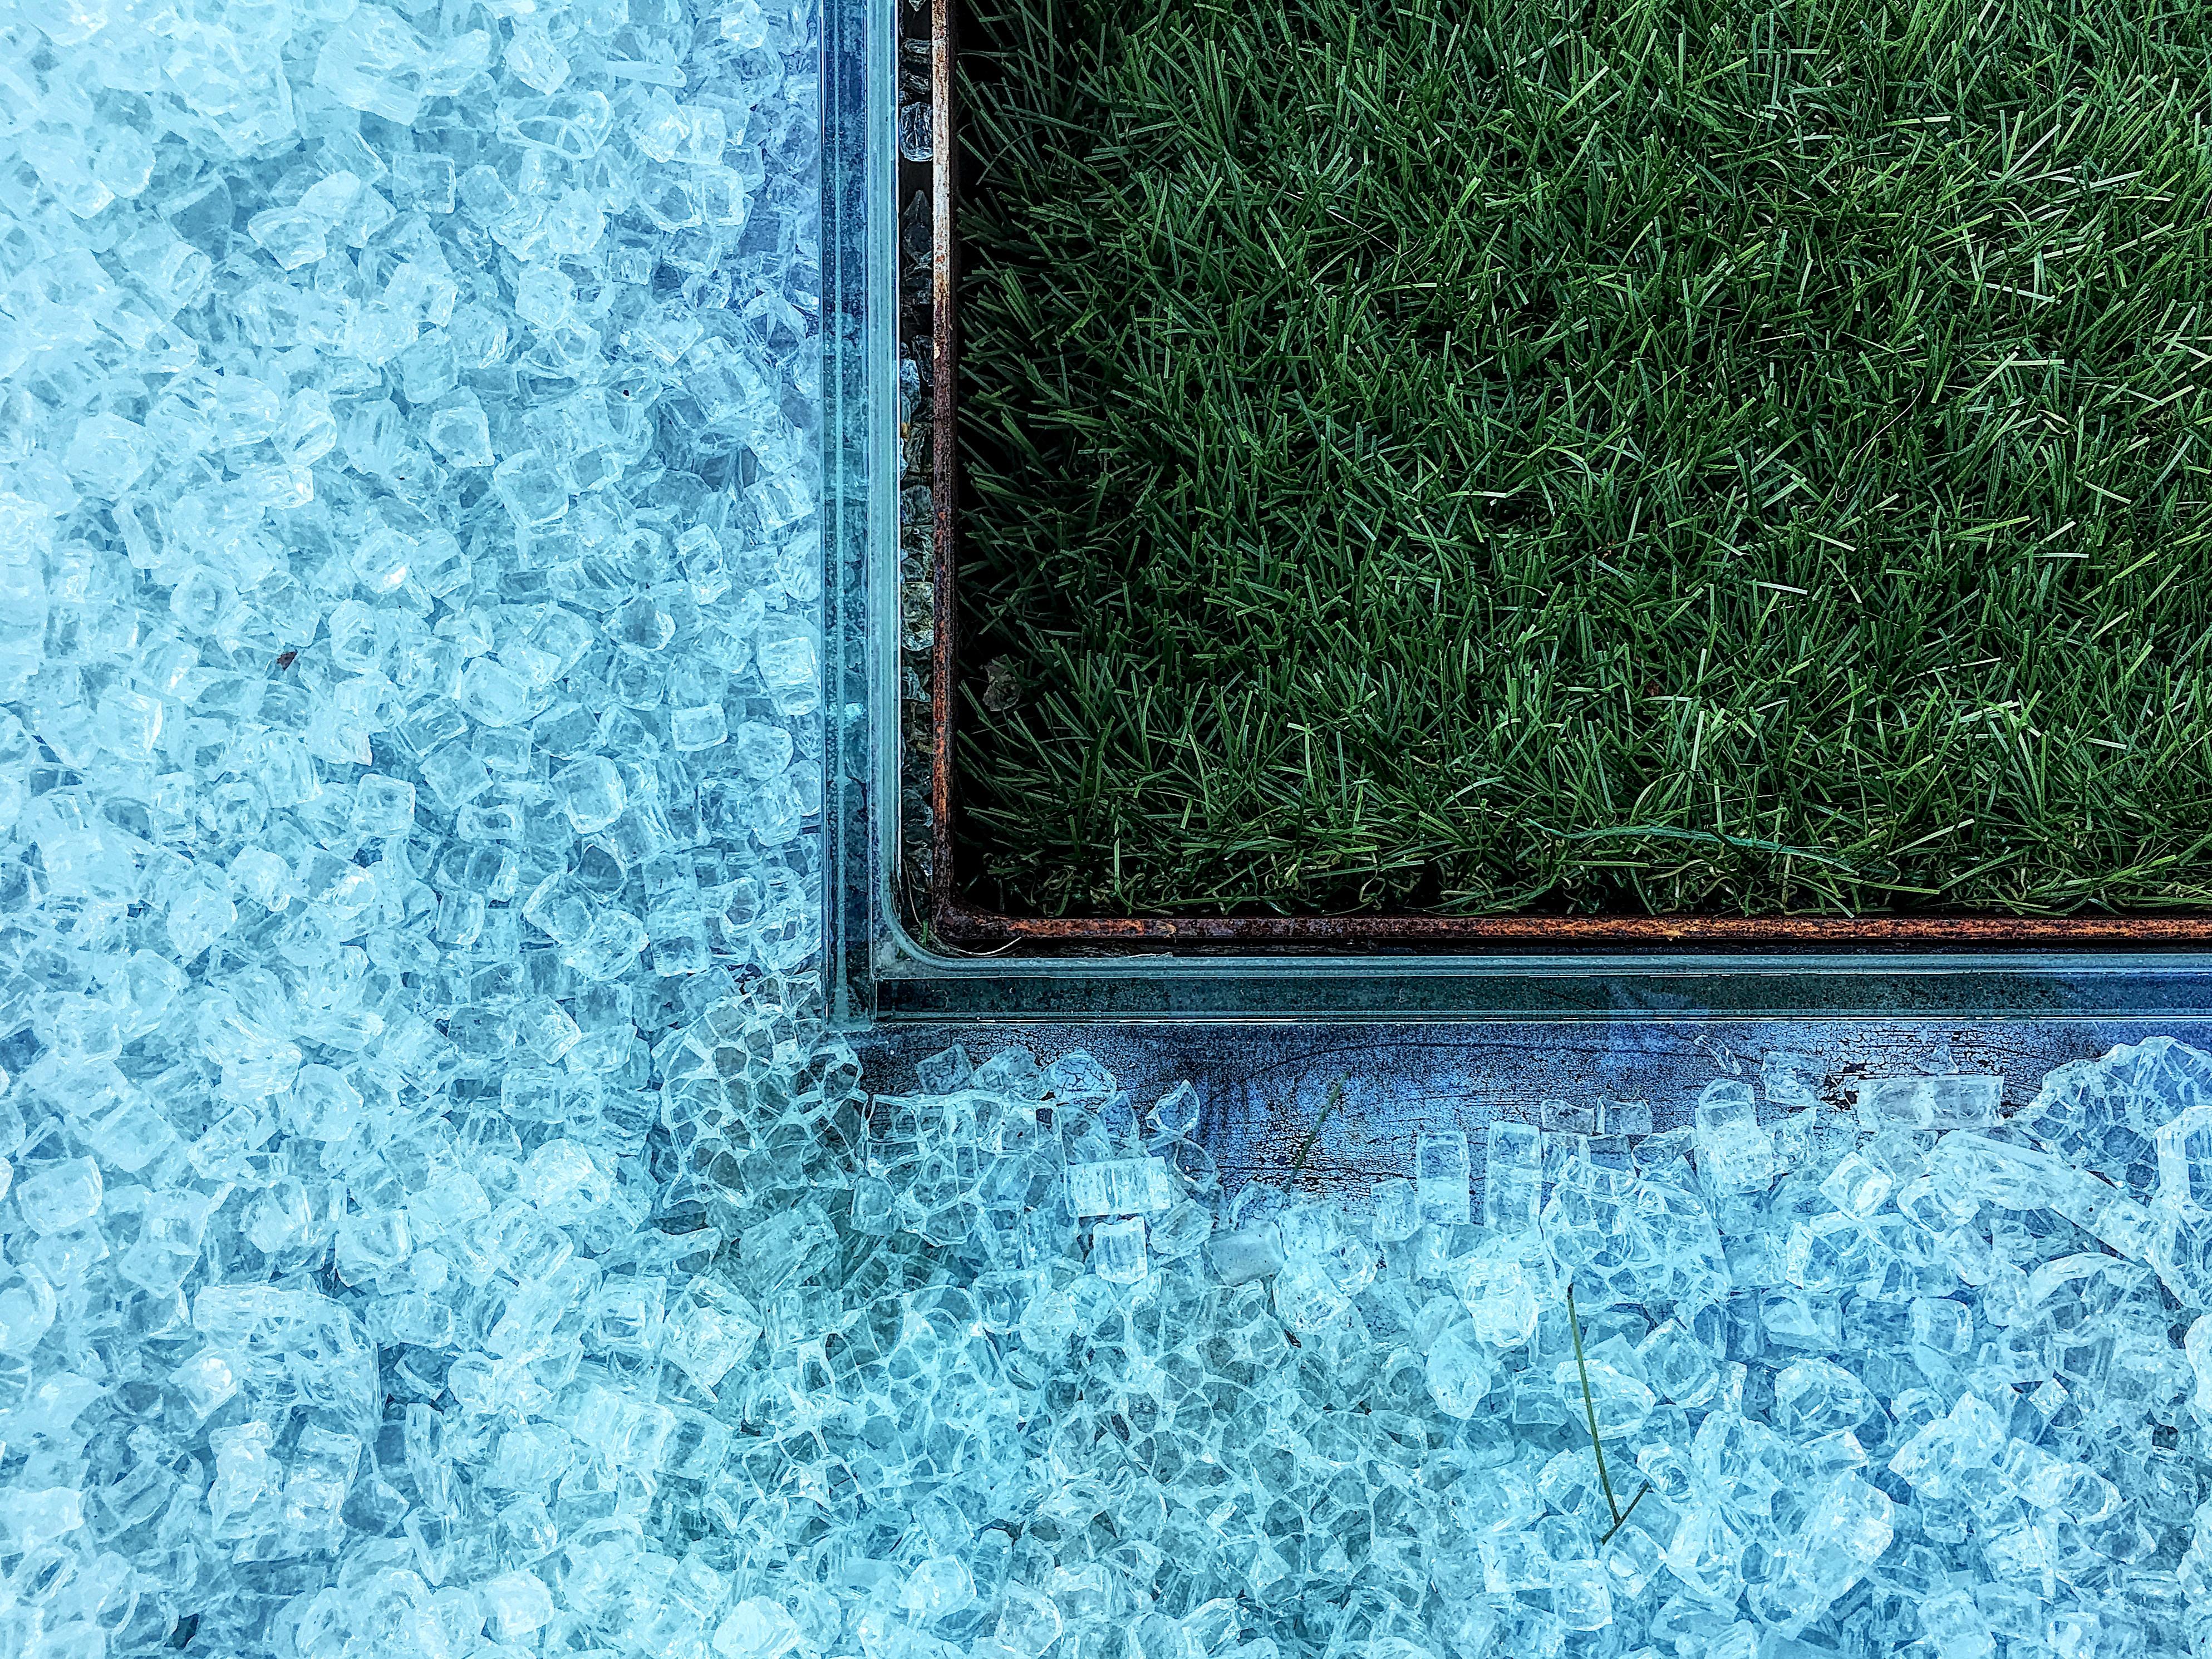 photo of green grasses near tiles